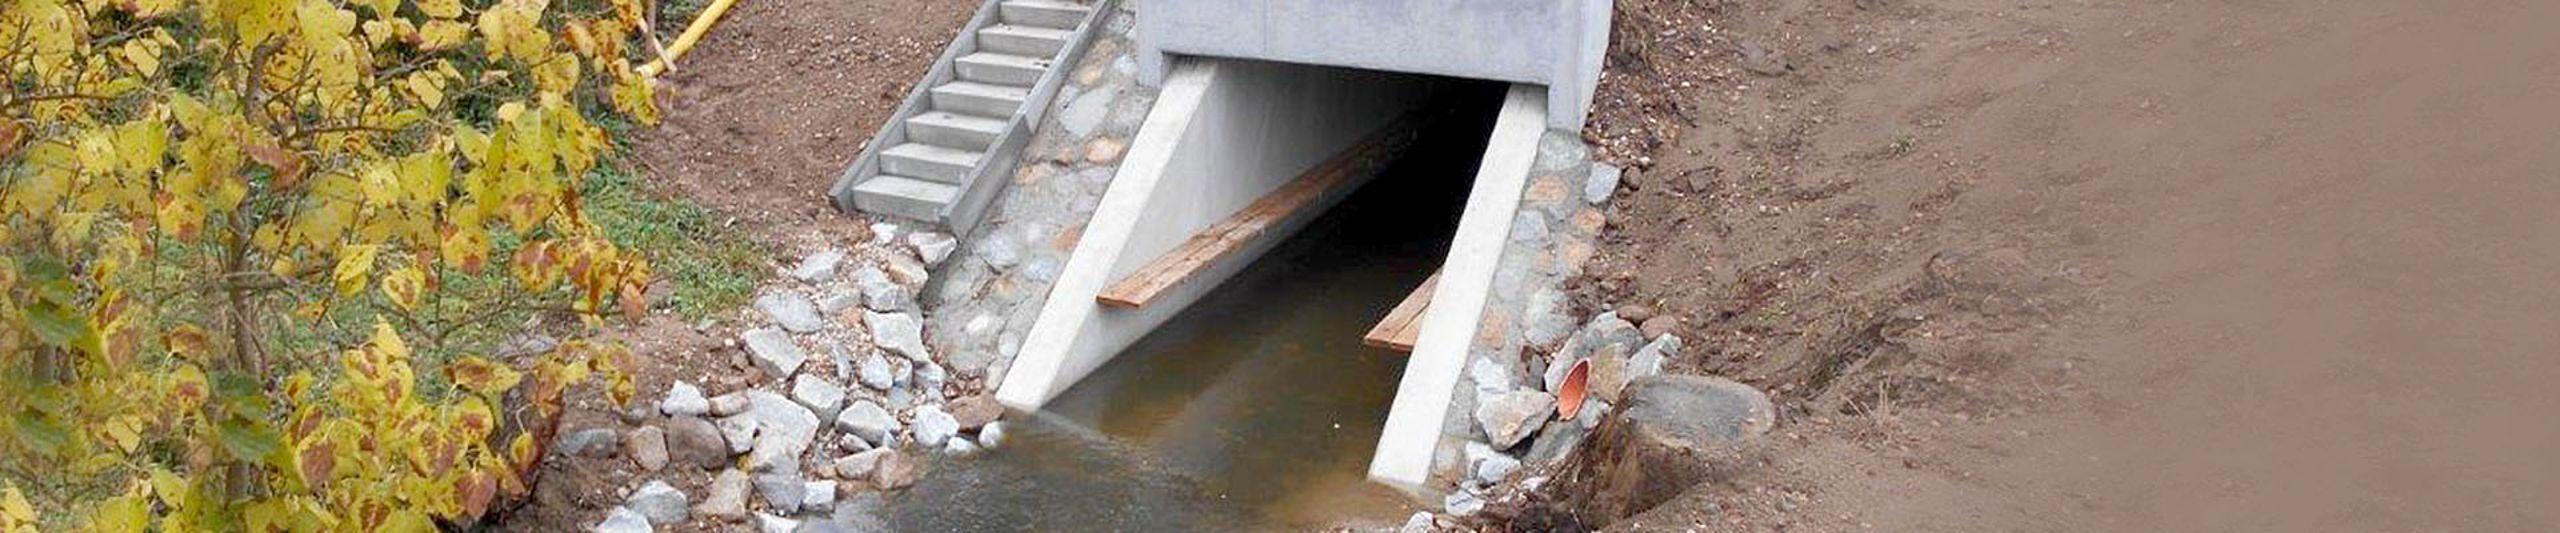 Brückenbauwerke und Durchlässe aus Beton